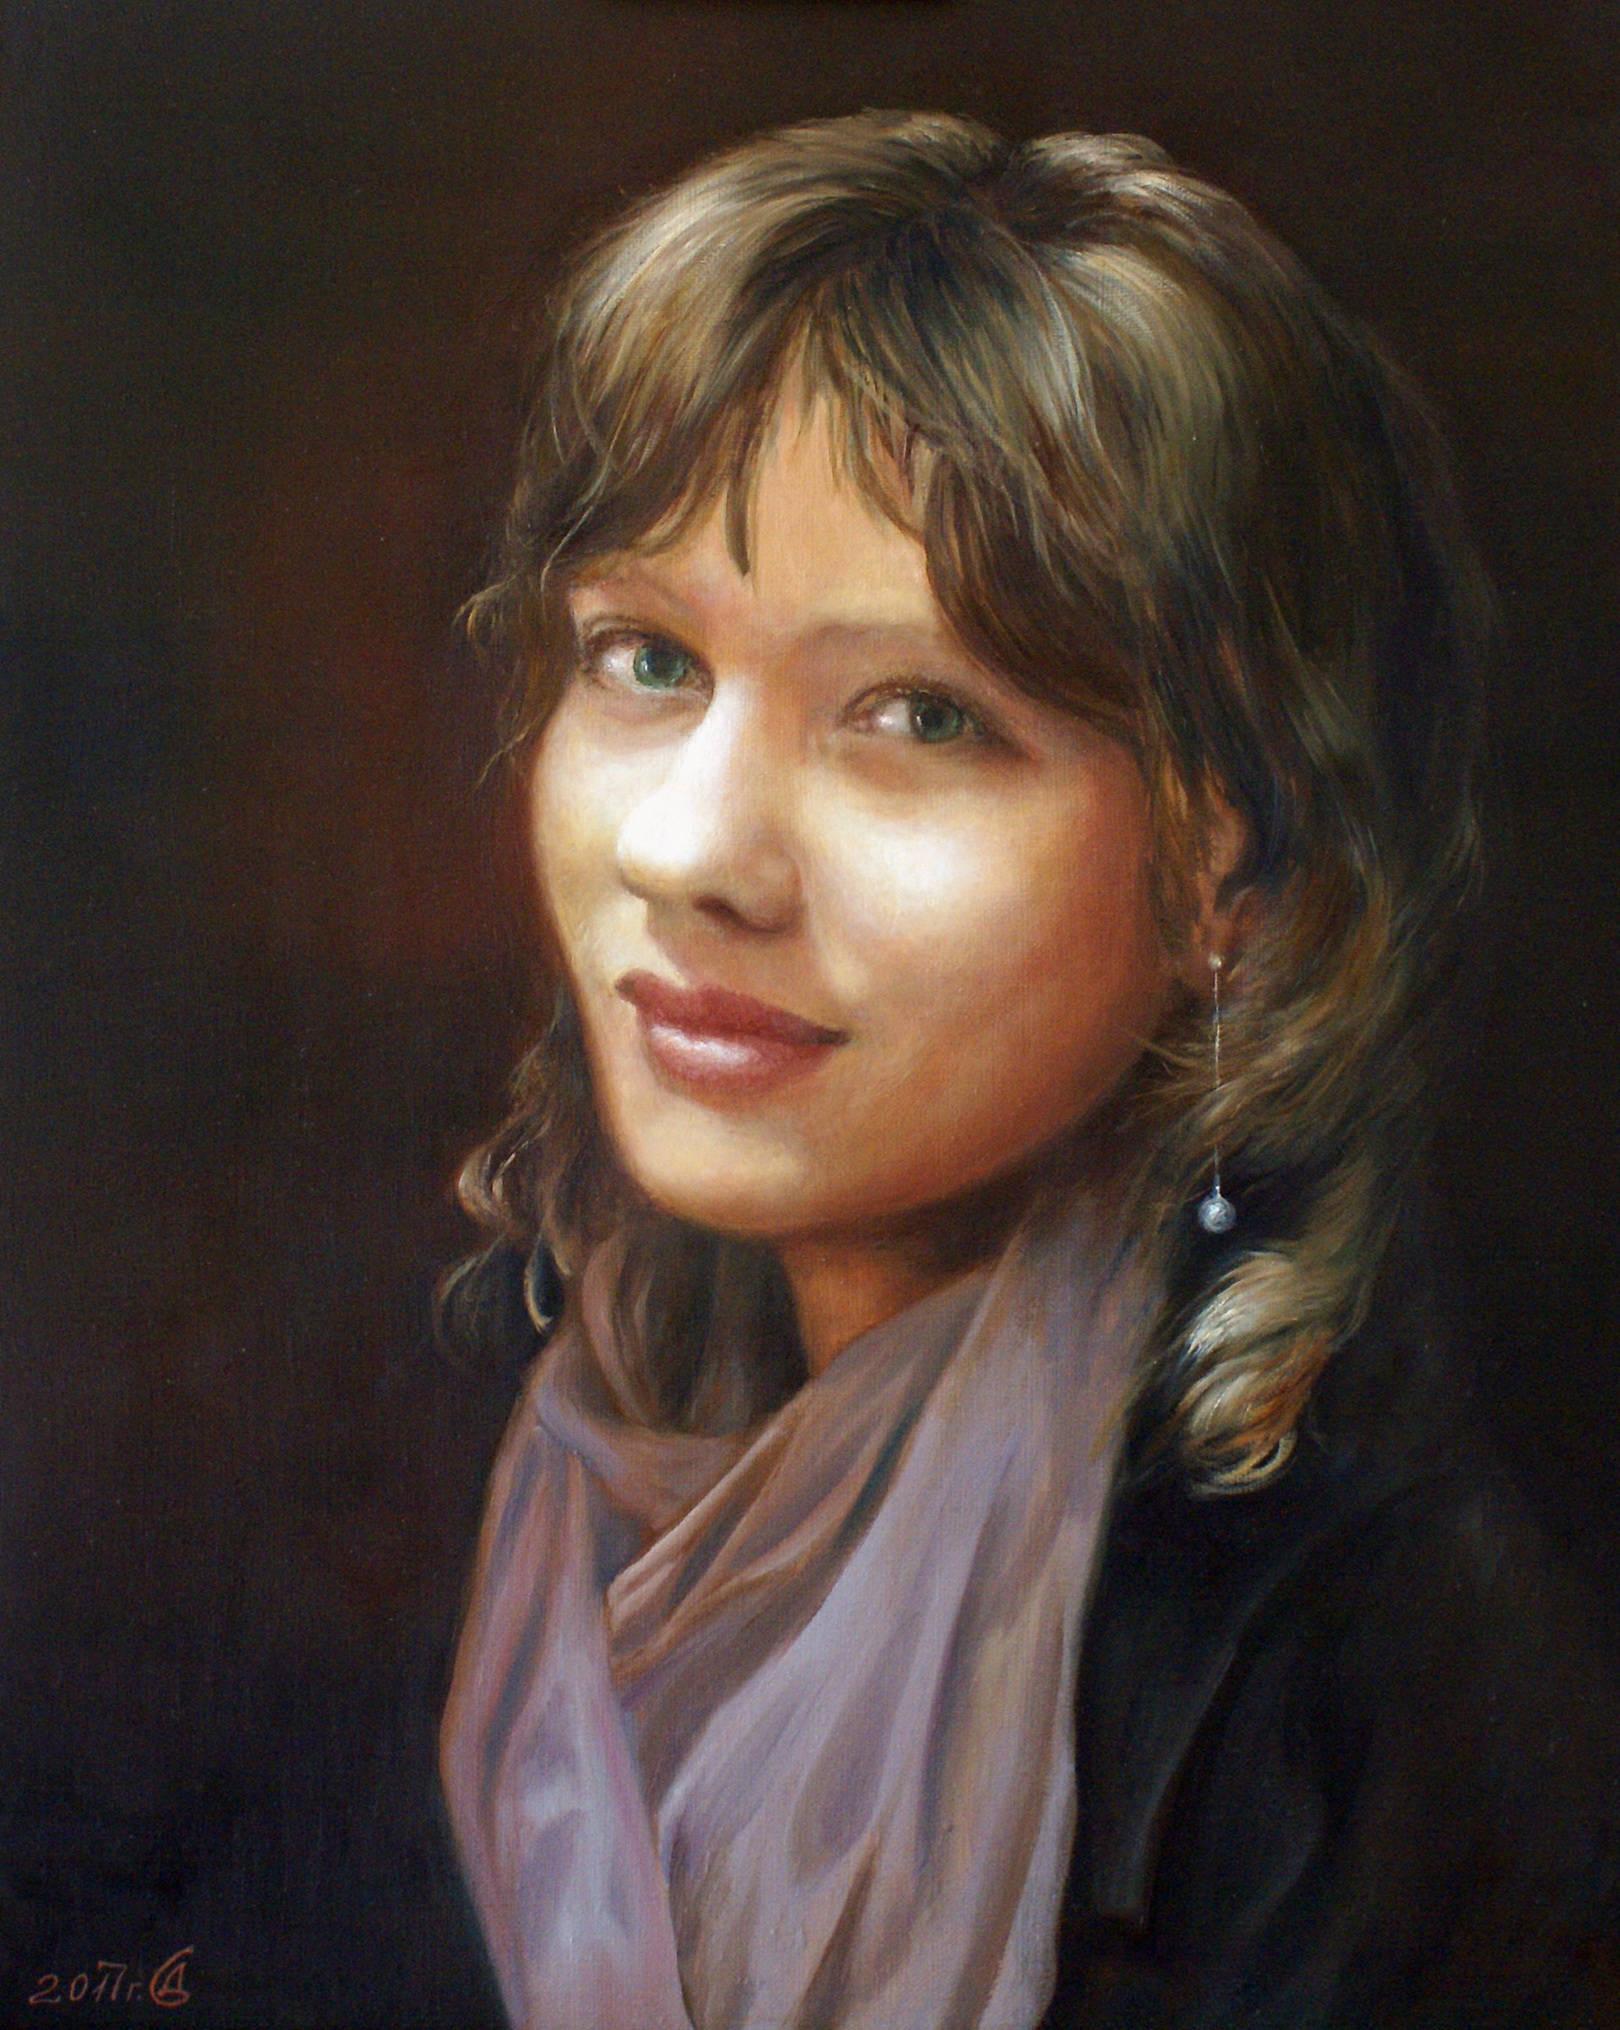 Портрет дочери - холст/масло, 50х40, 2017